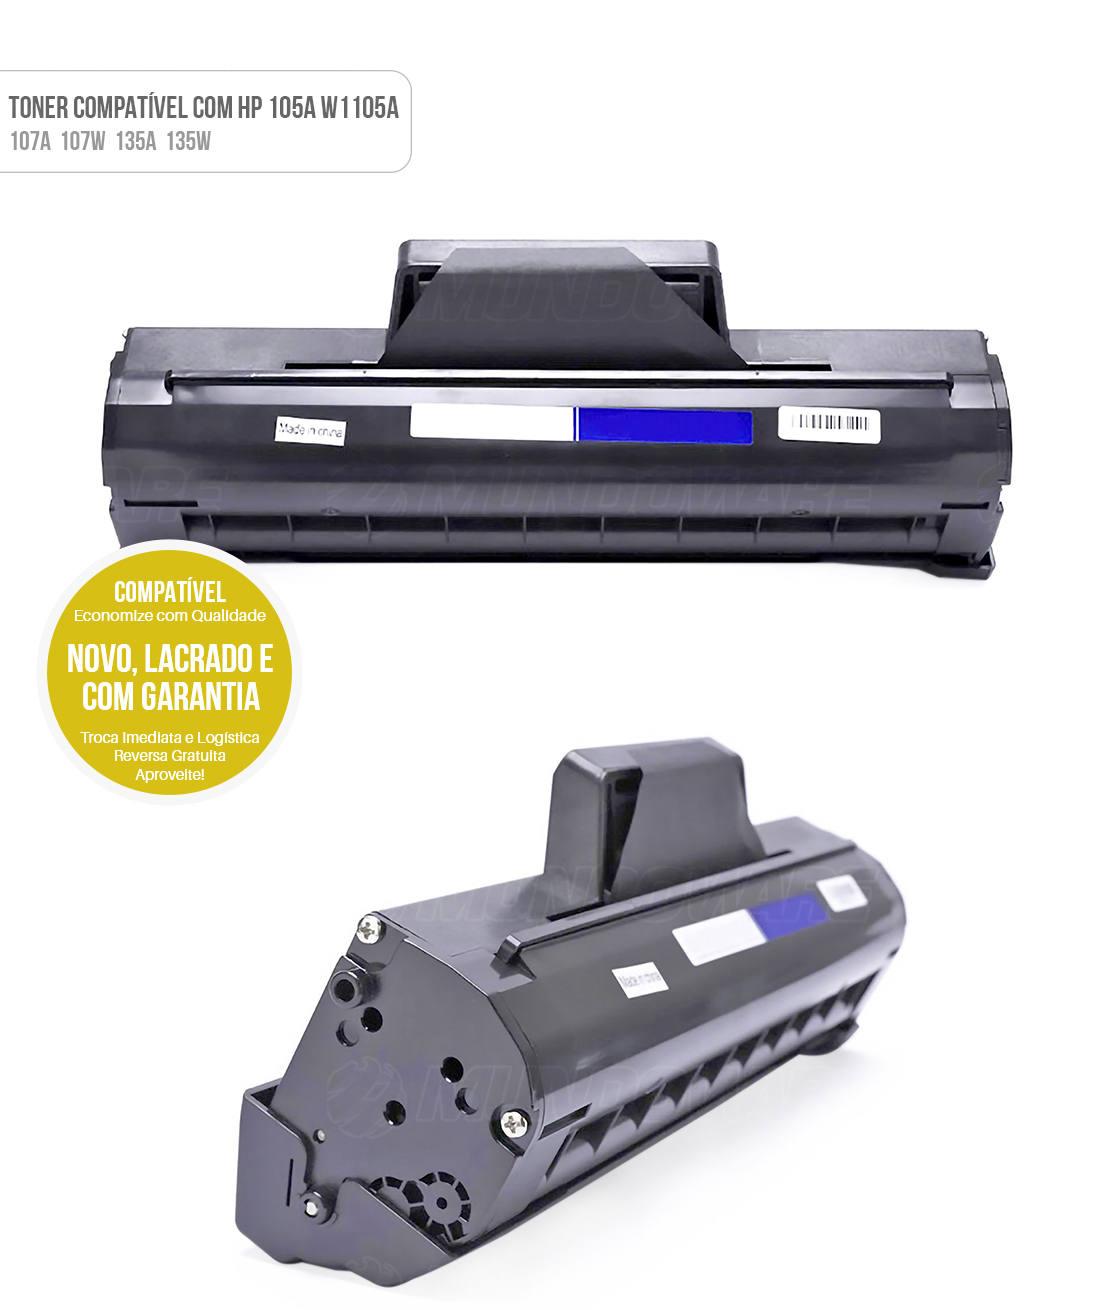 Toner Compatível modelo 105A W1105A para Impressora HP 107a 107w MFP 135a MFP 135w MFP 137fnw MFP 138fnw Tonner